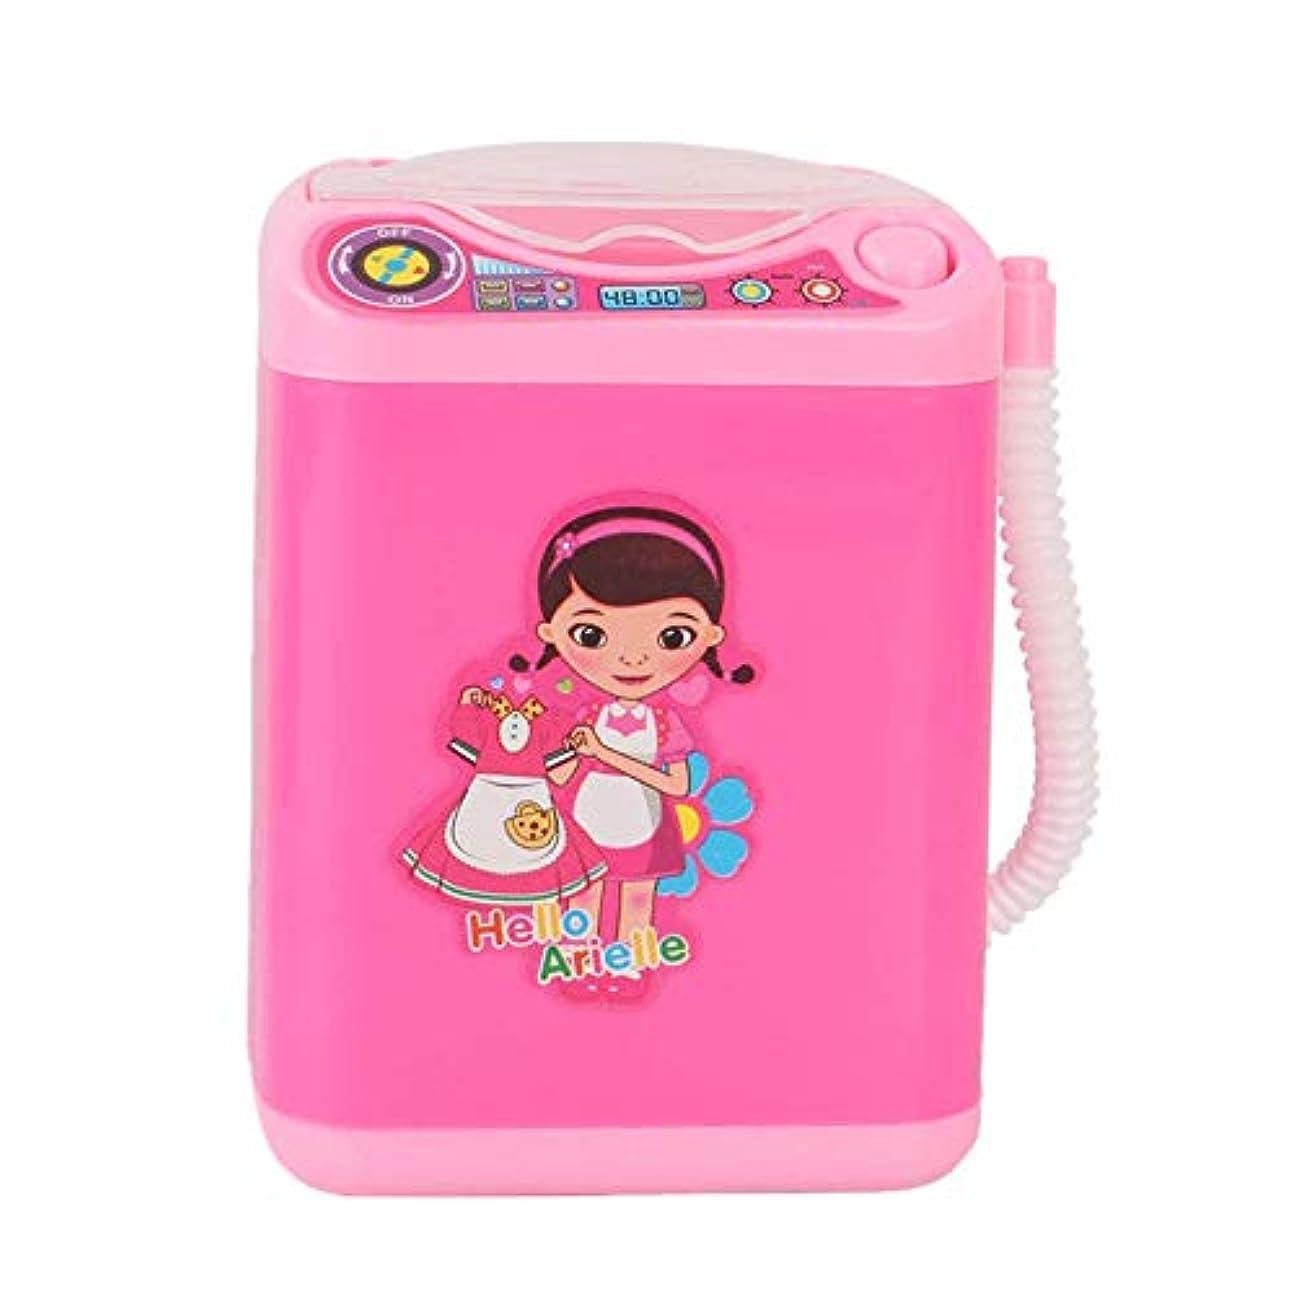 証書蓋ピストンMissley ミニブレンダー洗濯機のおもちゃ美容スポンジブラシワッシャーメイクアップブラシクリーナー模擬電化製品教育ギフト (Style4)